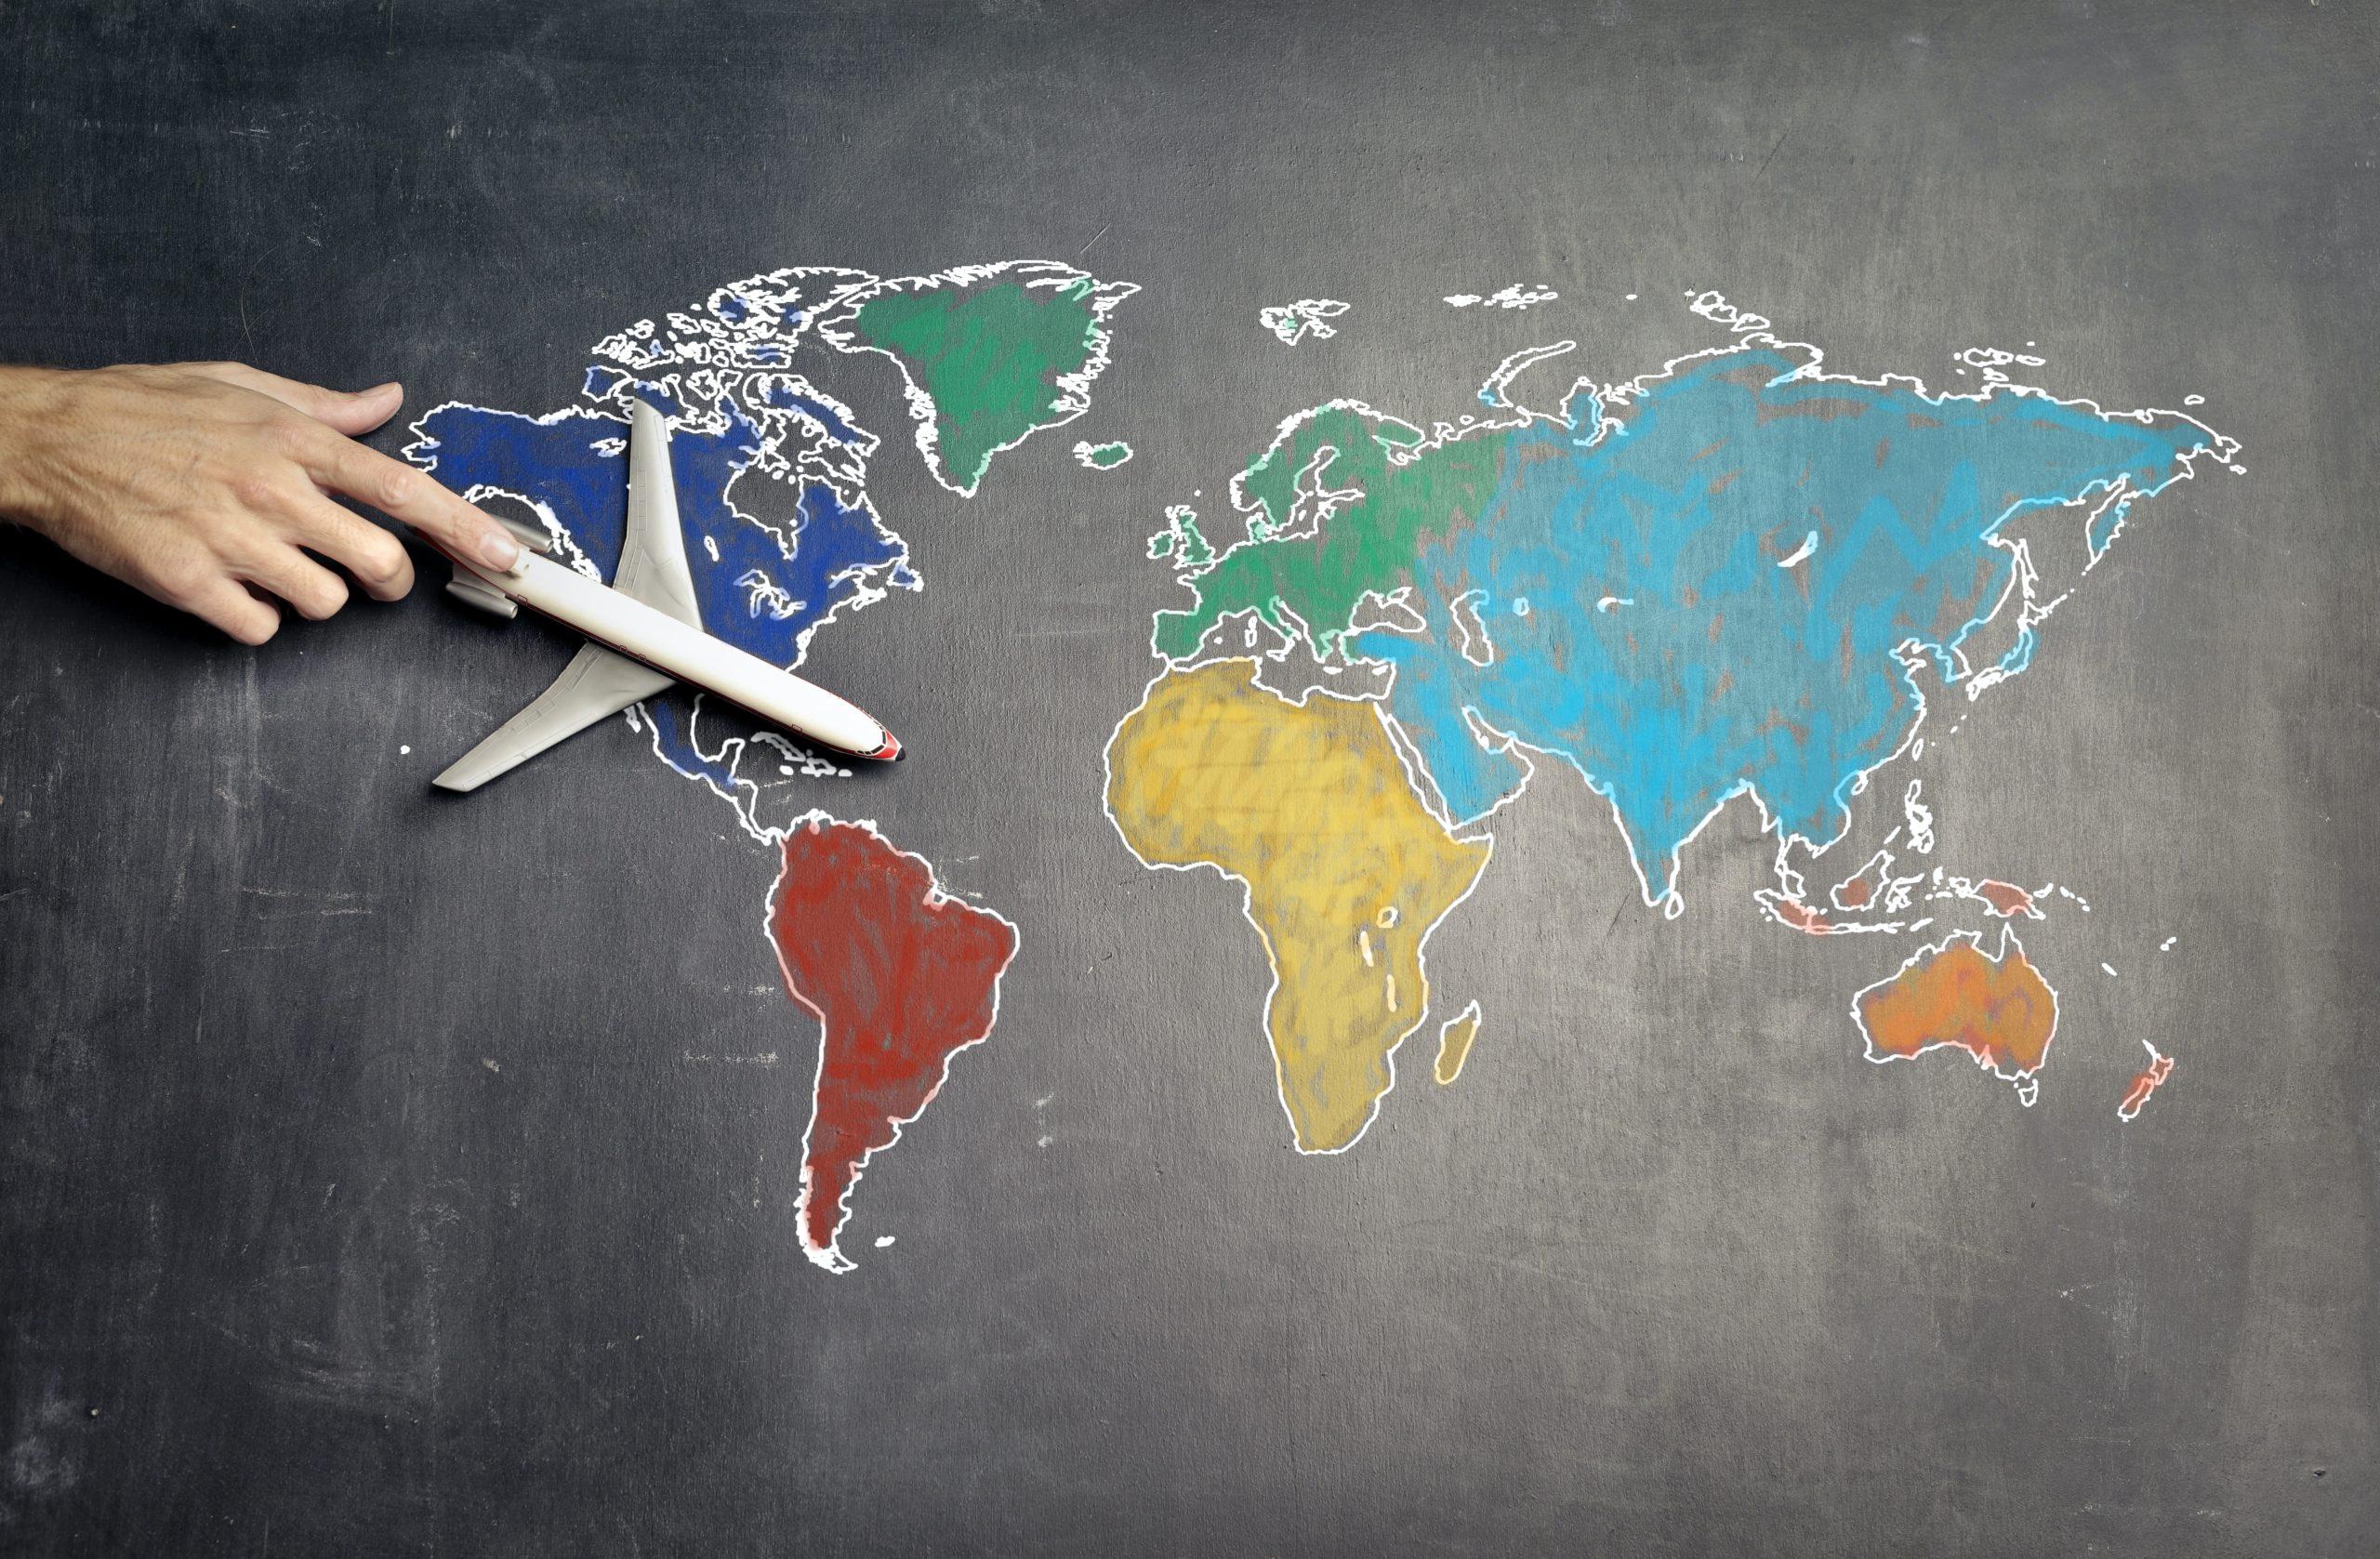 ZfL_LM_BFP im Ausland digital